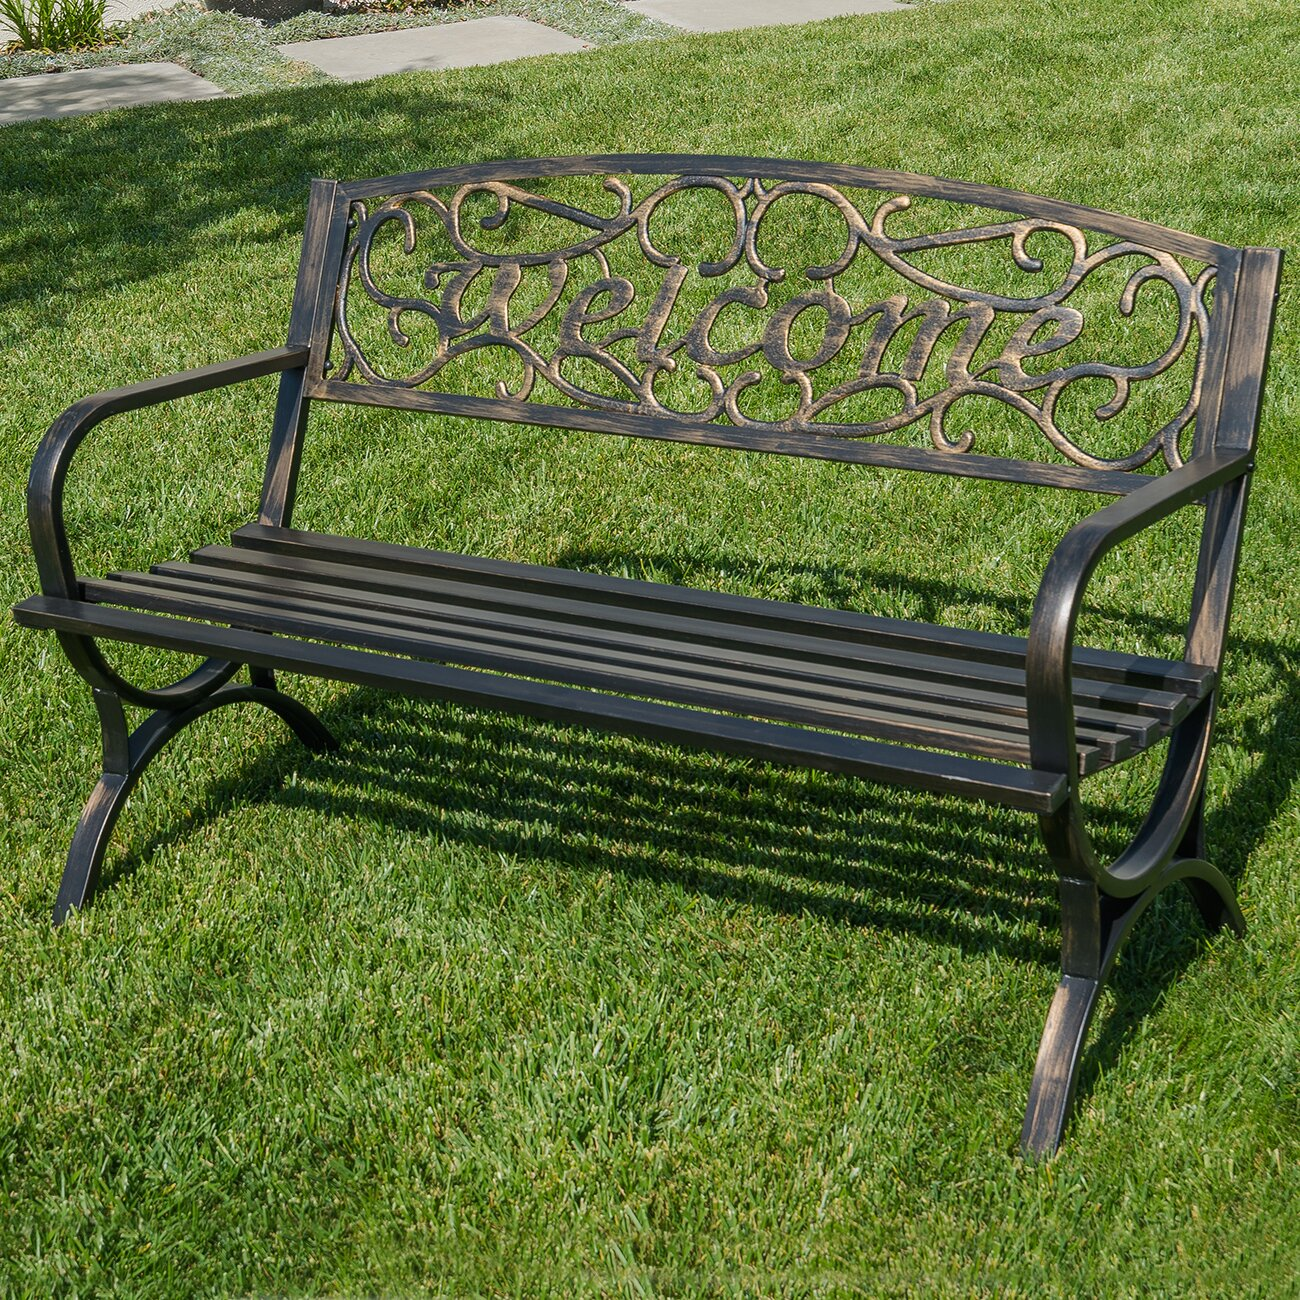 Belleze Outdoor Metal Park Bench Reviews